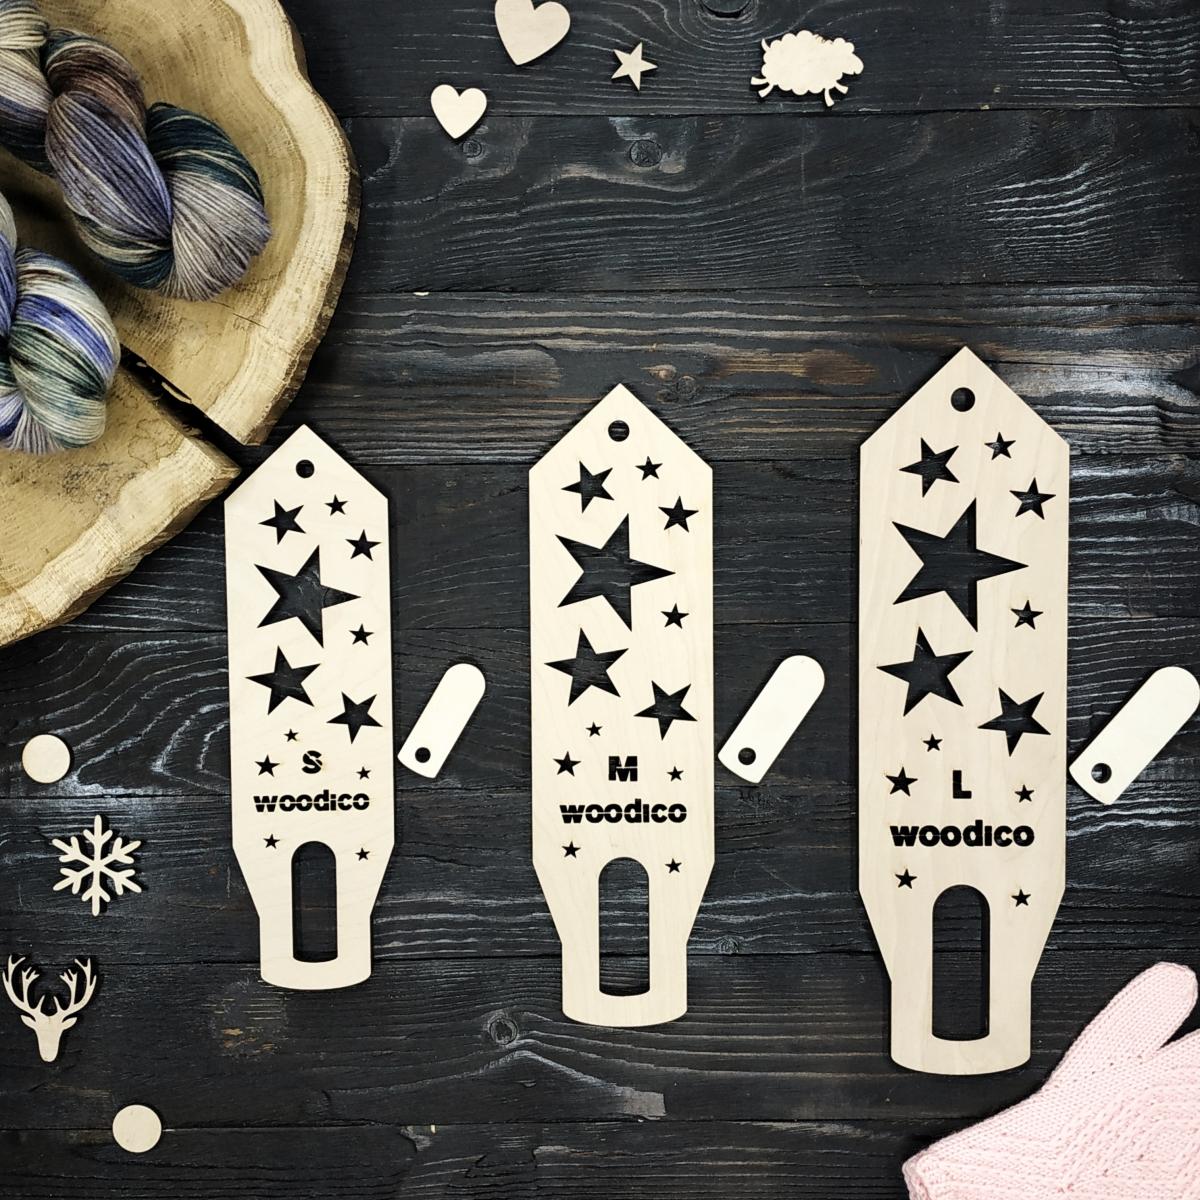 woodico.pro wooden mitten blockers nordic stars 2 1200x1200 - Wooden mitten blockers / Nordic Stars